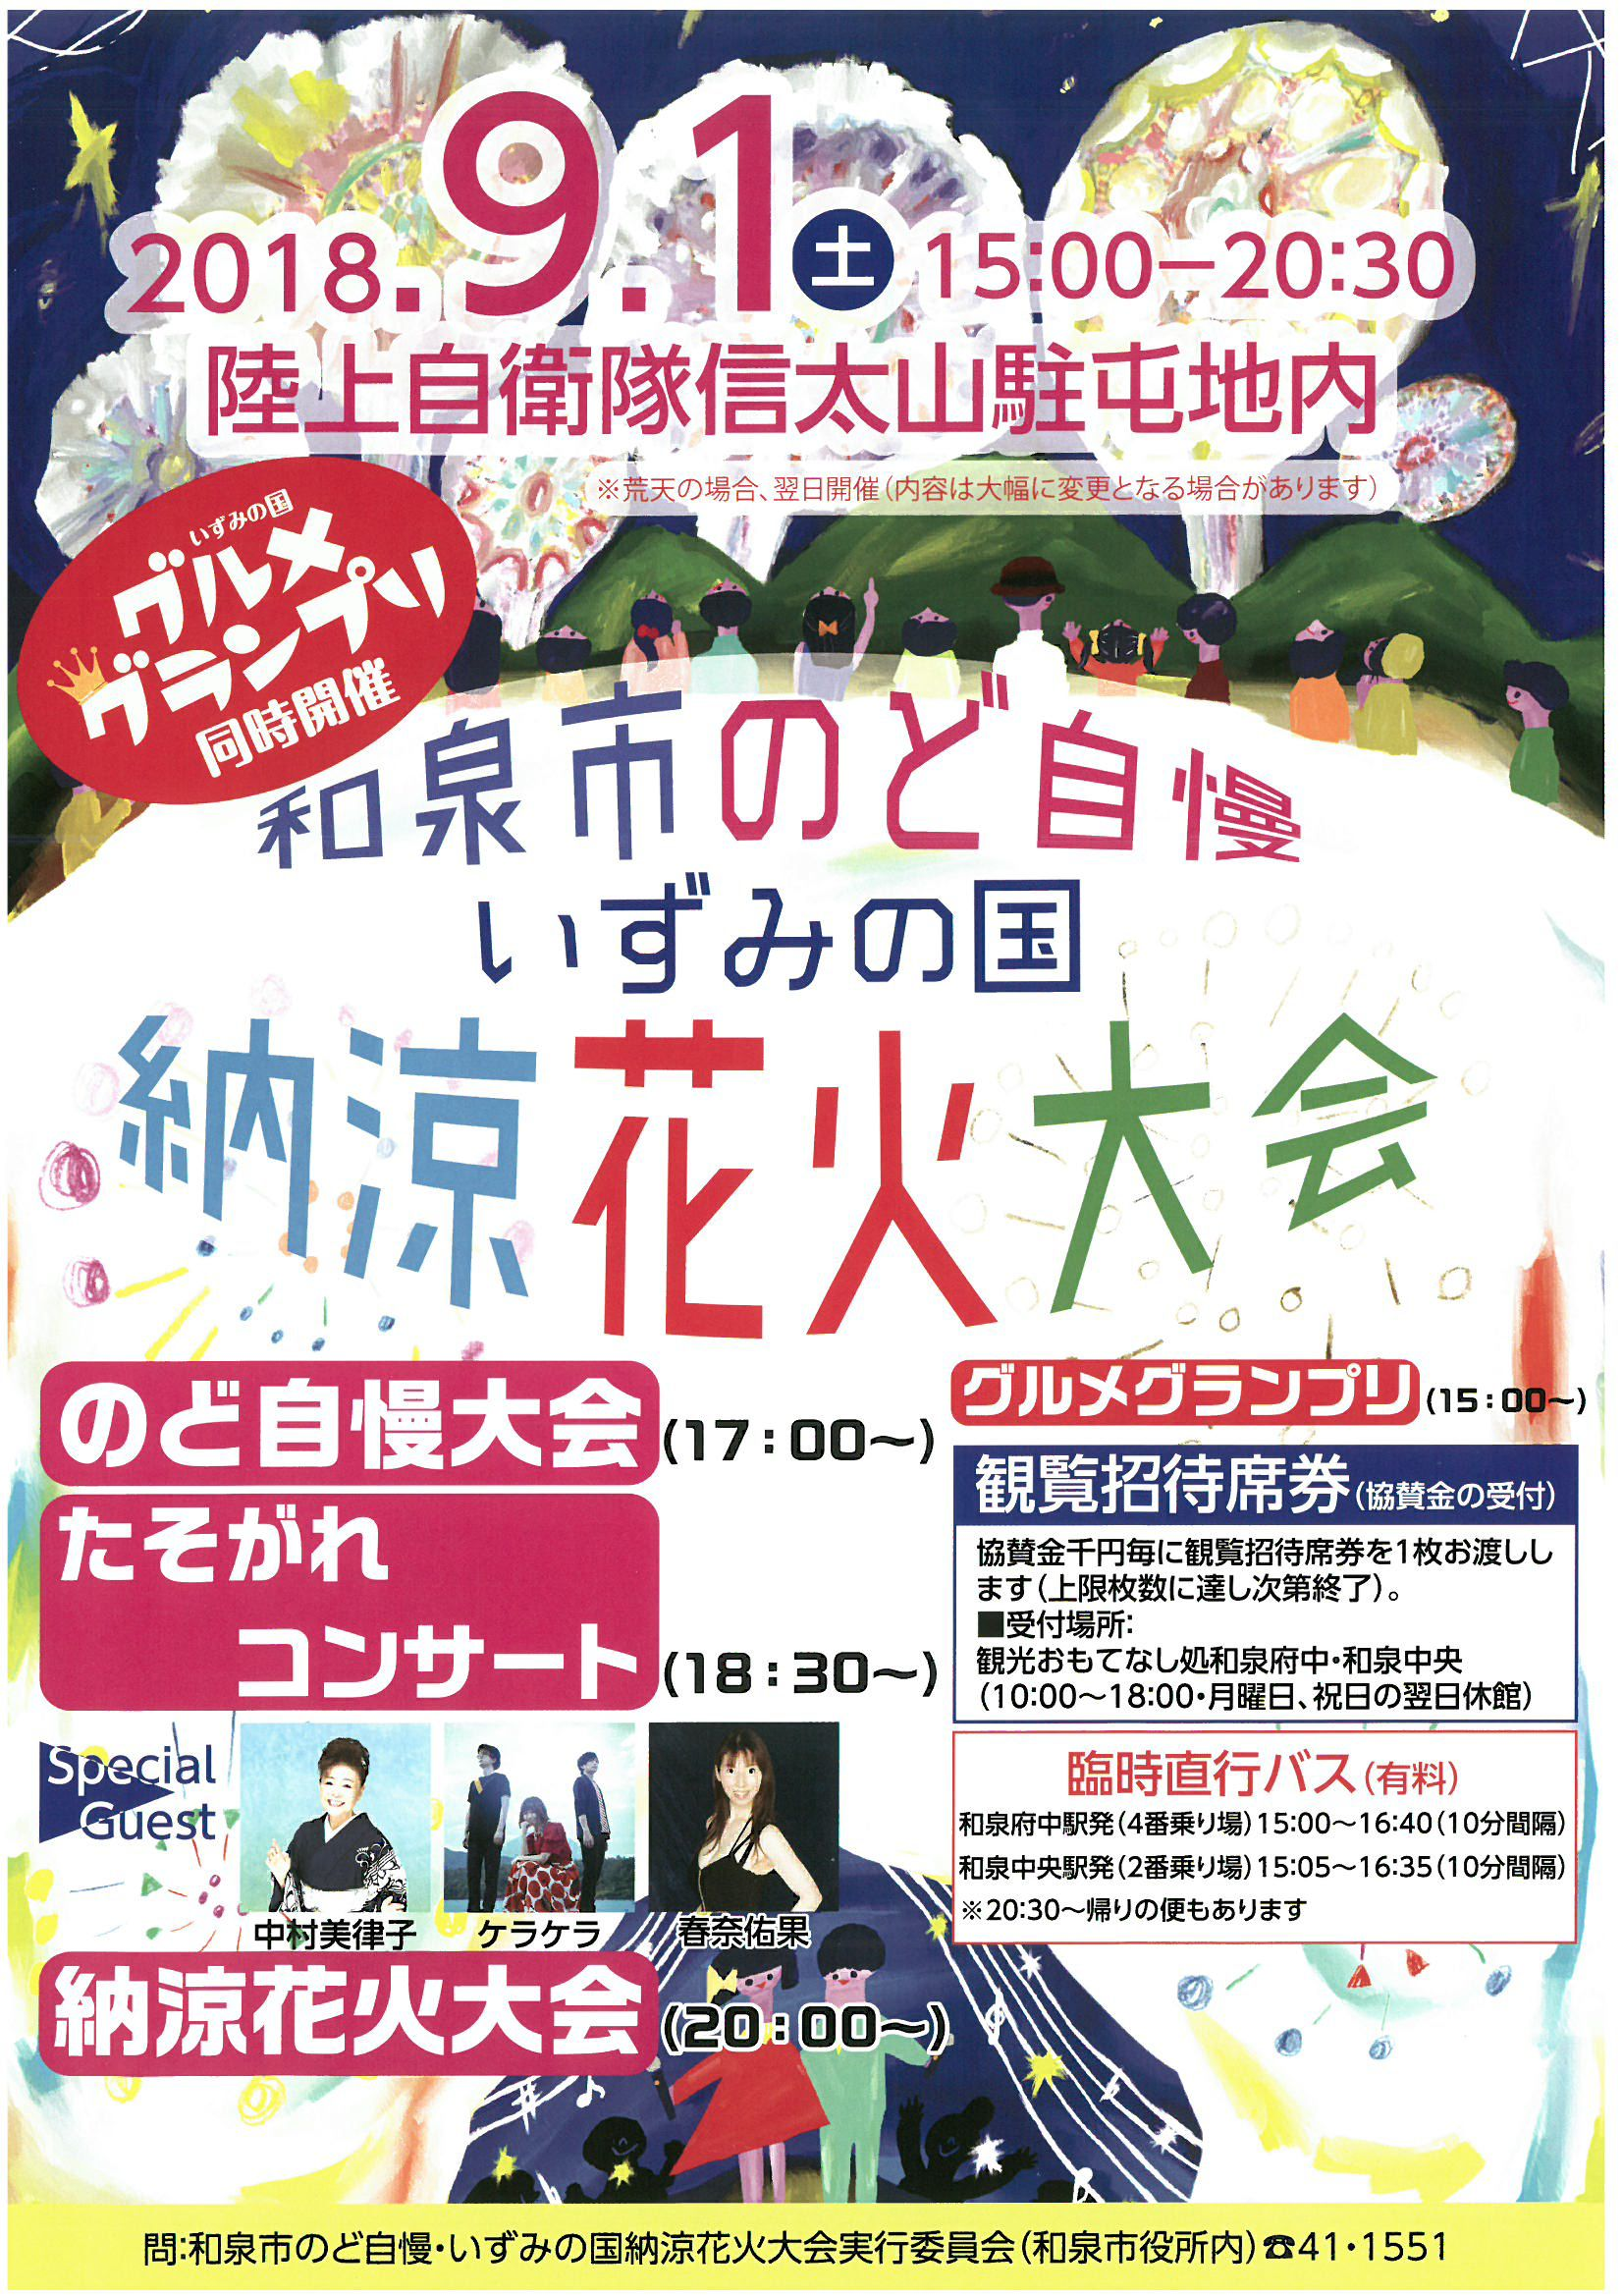 平成30年9月1日(土)開催!和泉市のど自慢・いずみの国 納涼花火大会